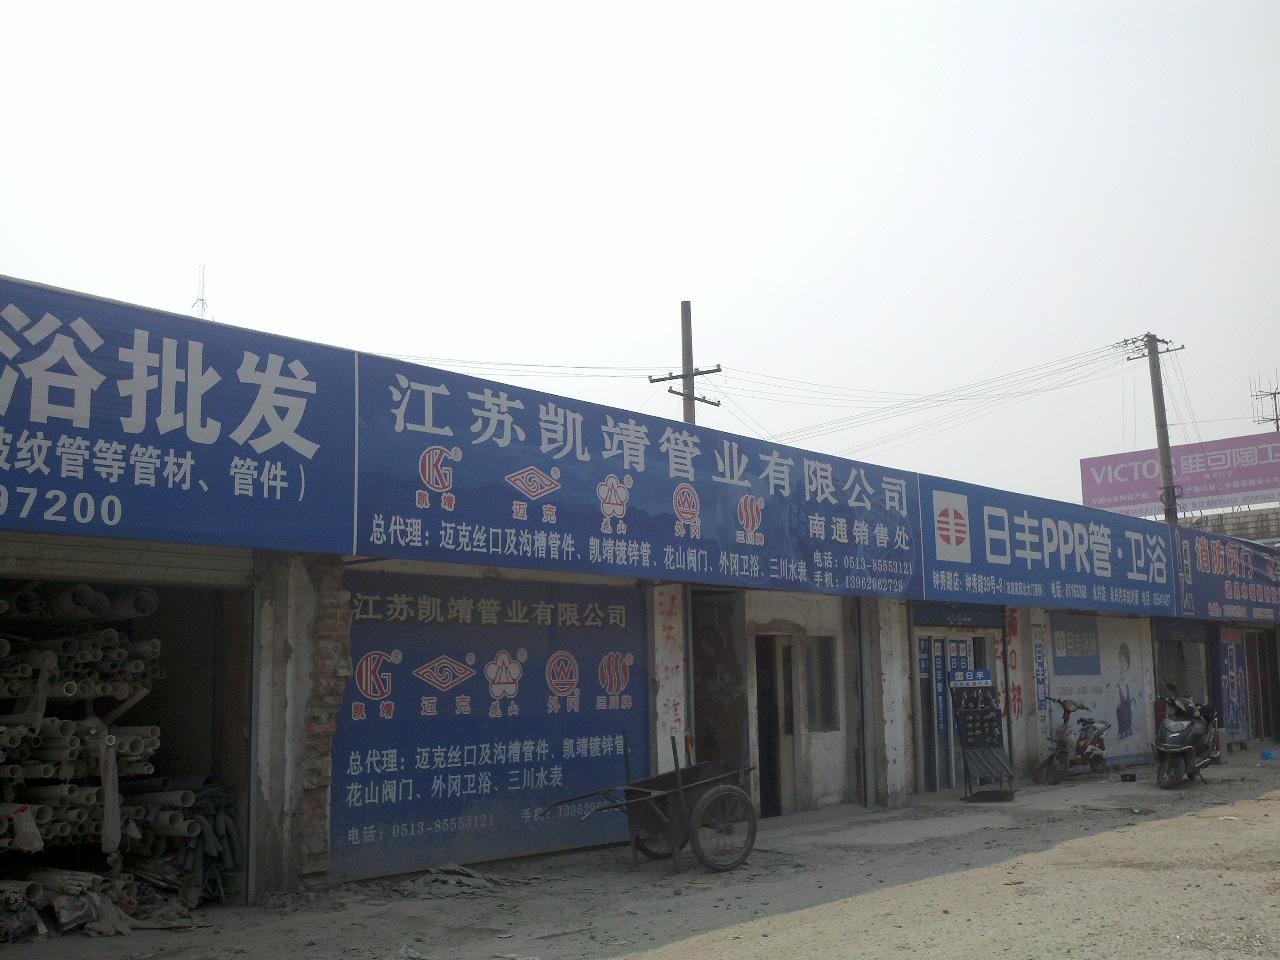 長葛市后河辛莊瓷廠駐南通直銷處